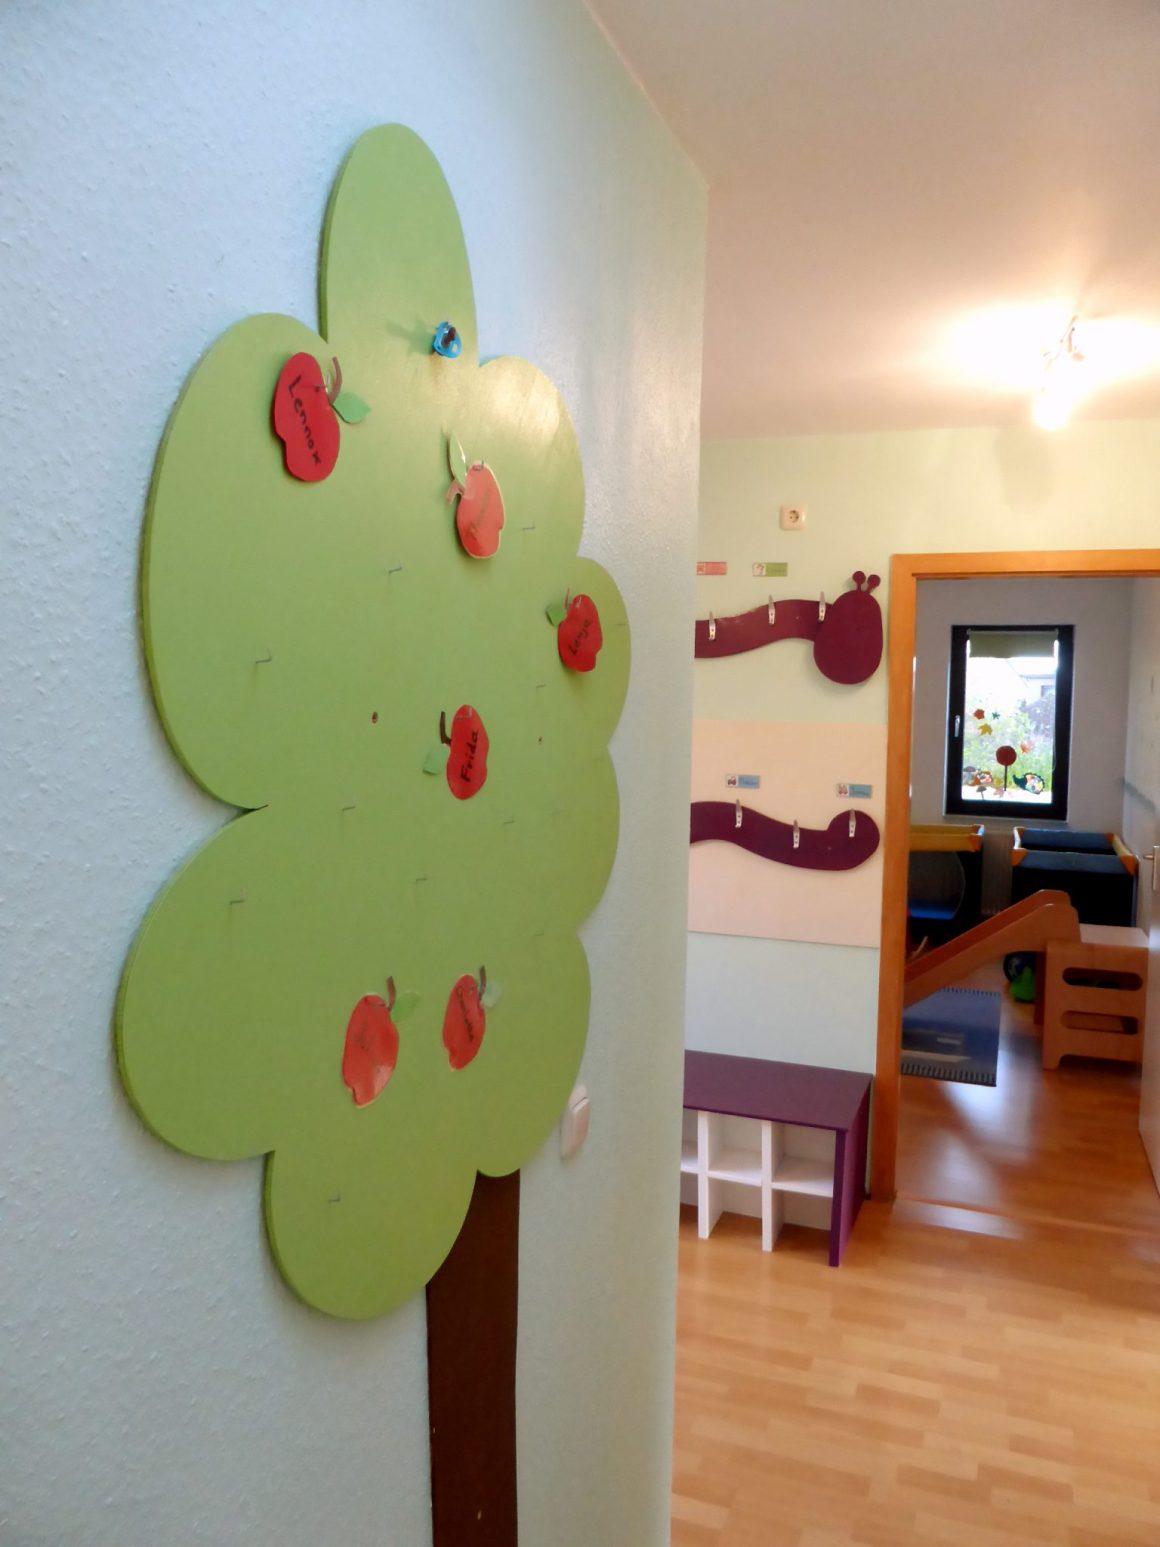 empfangsbereich-1-kita-kid-zone-kinderbetreuung